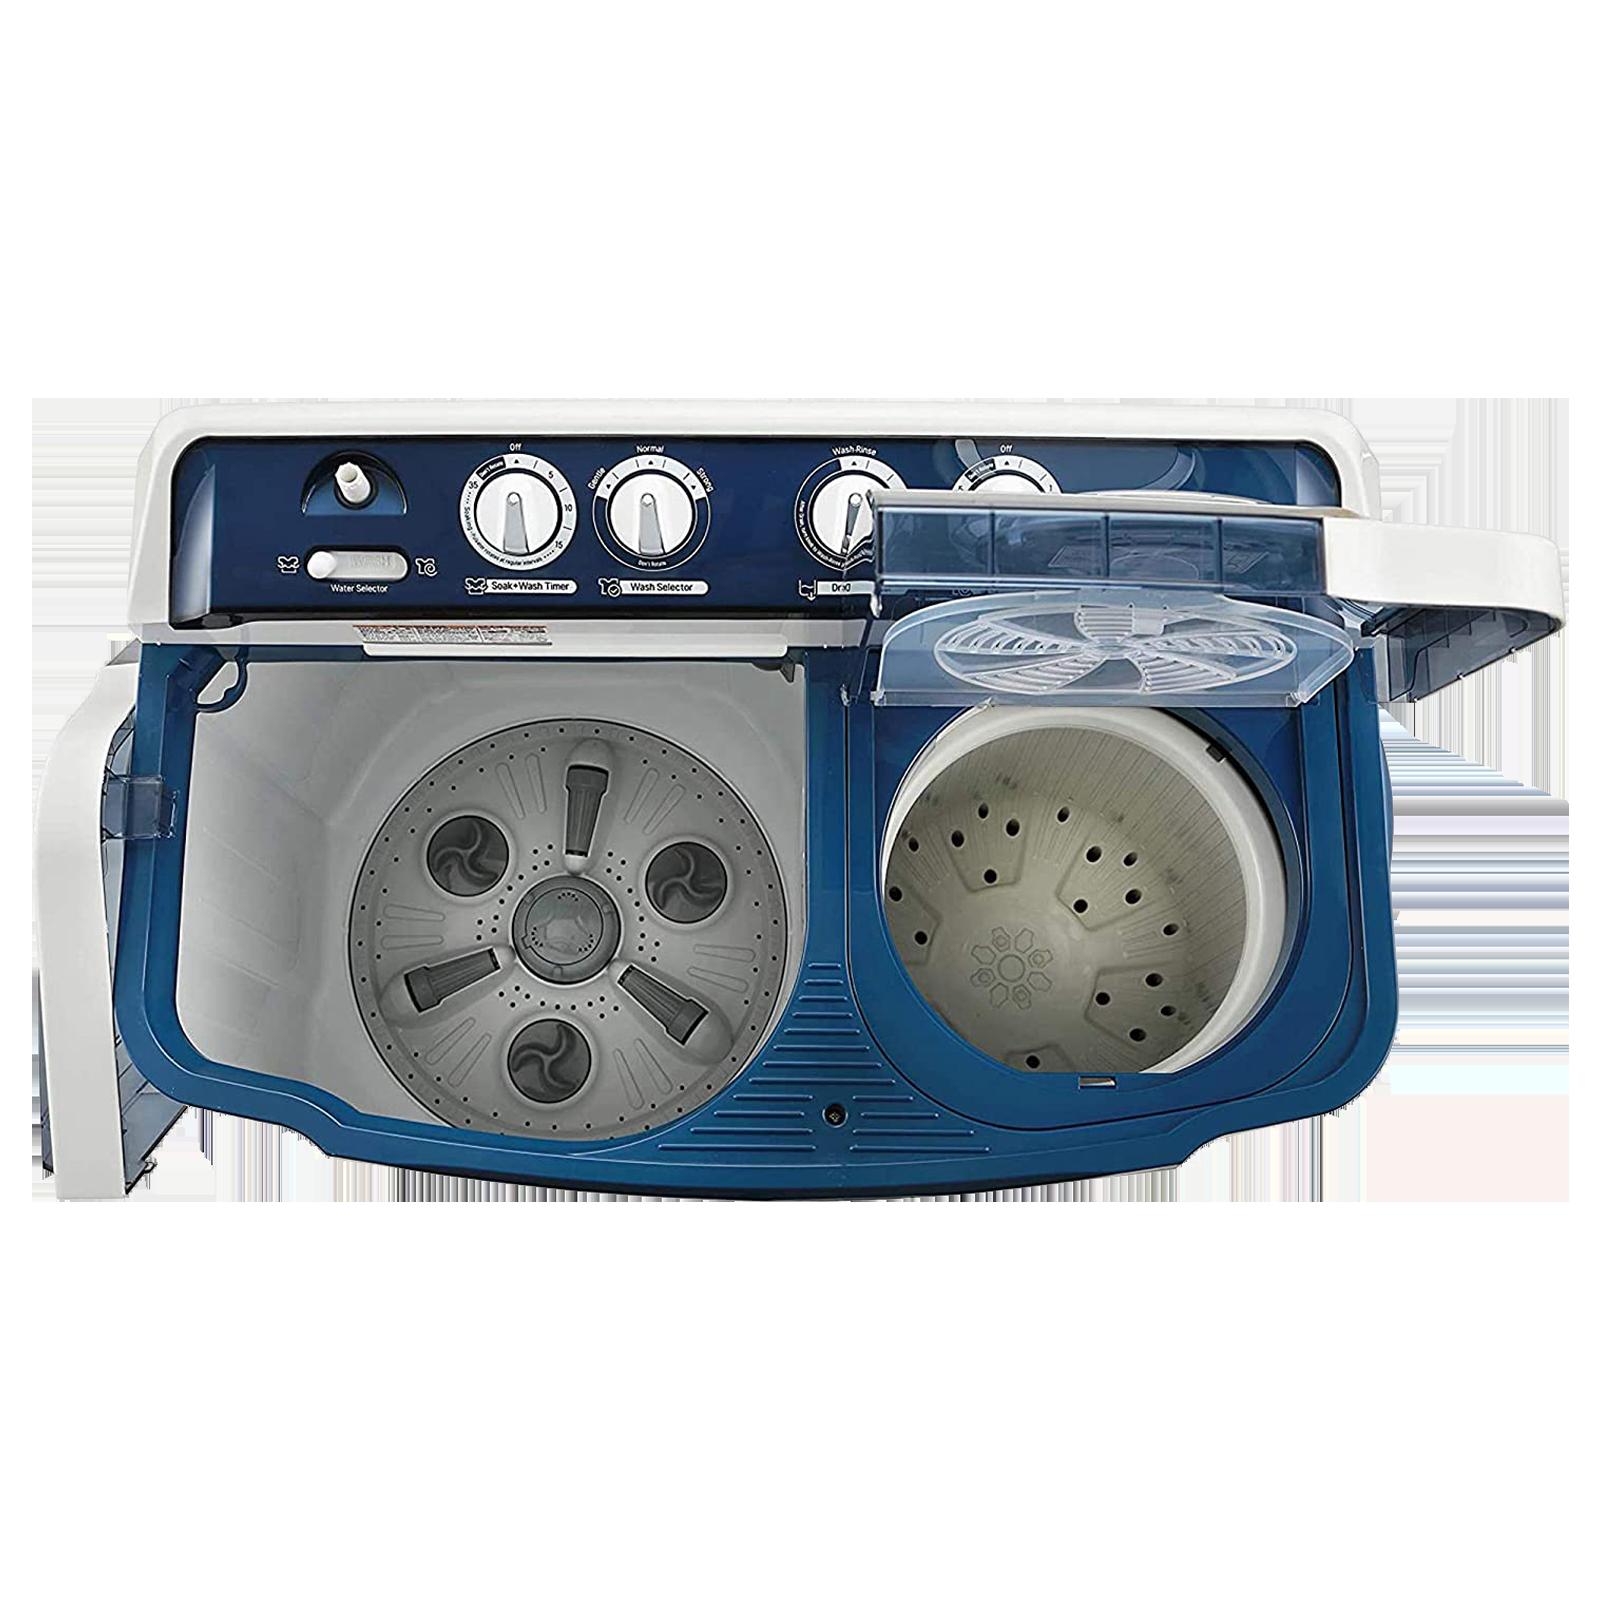 LG 7 kg 4 Star Semi-Automatic Top Load Washing Machine (Auto Restart, P7025SBAY.ADBQEIL, Dark Blue)_4